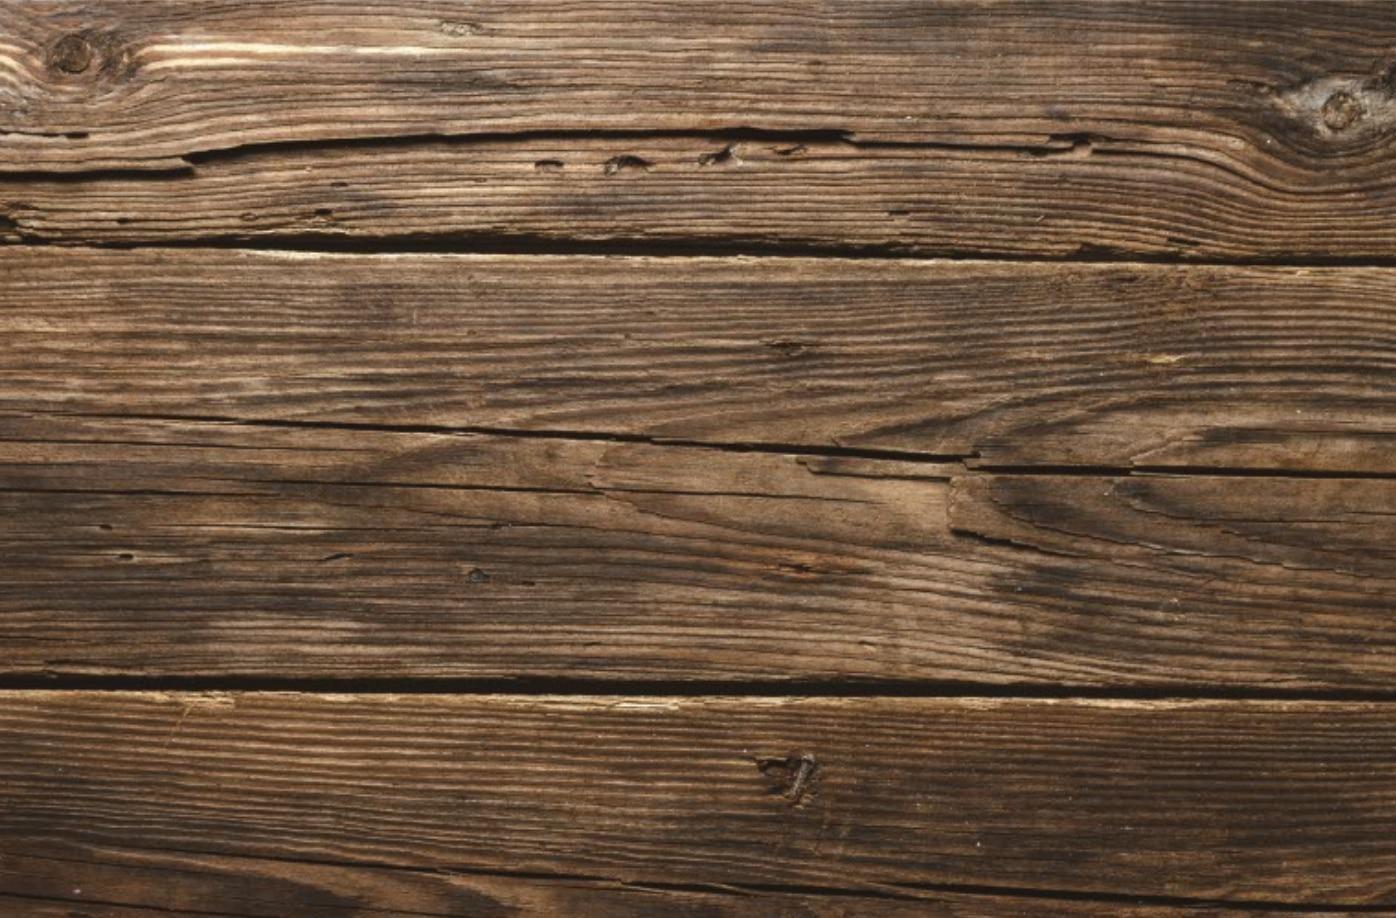 بالصور خلفيات خشب , احدث اشكال الخلفيات الخشبية 5126 4